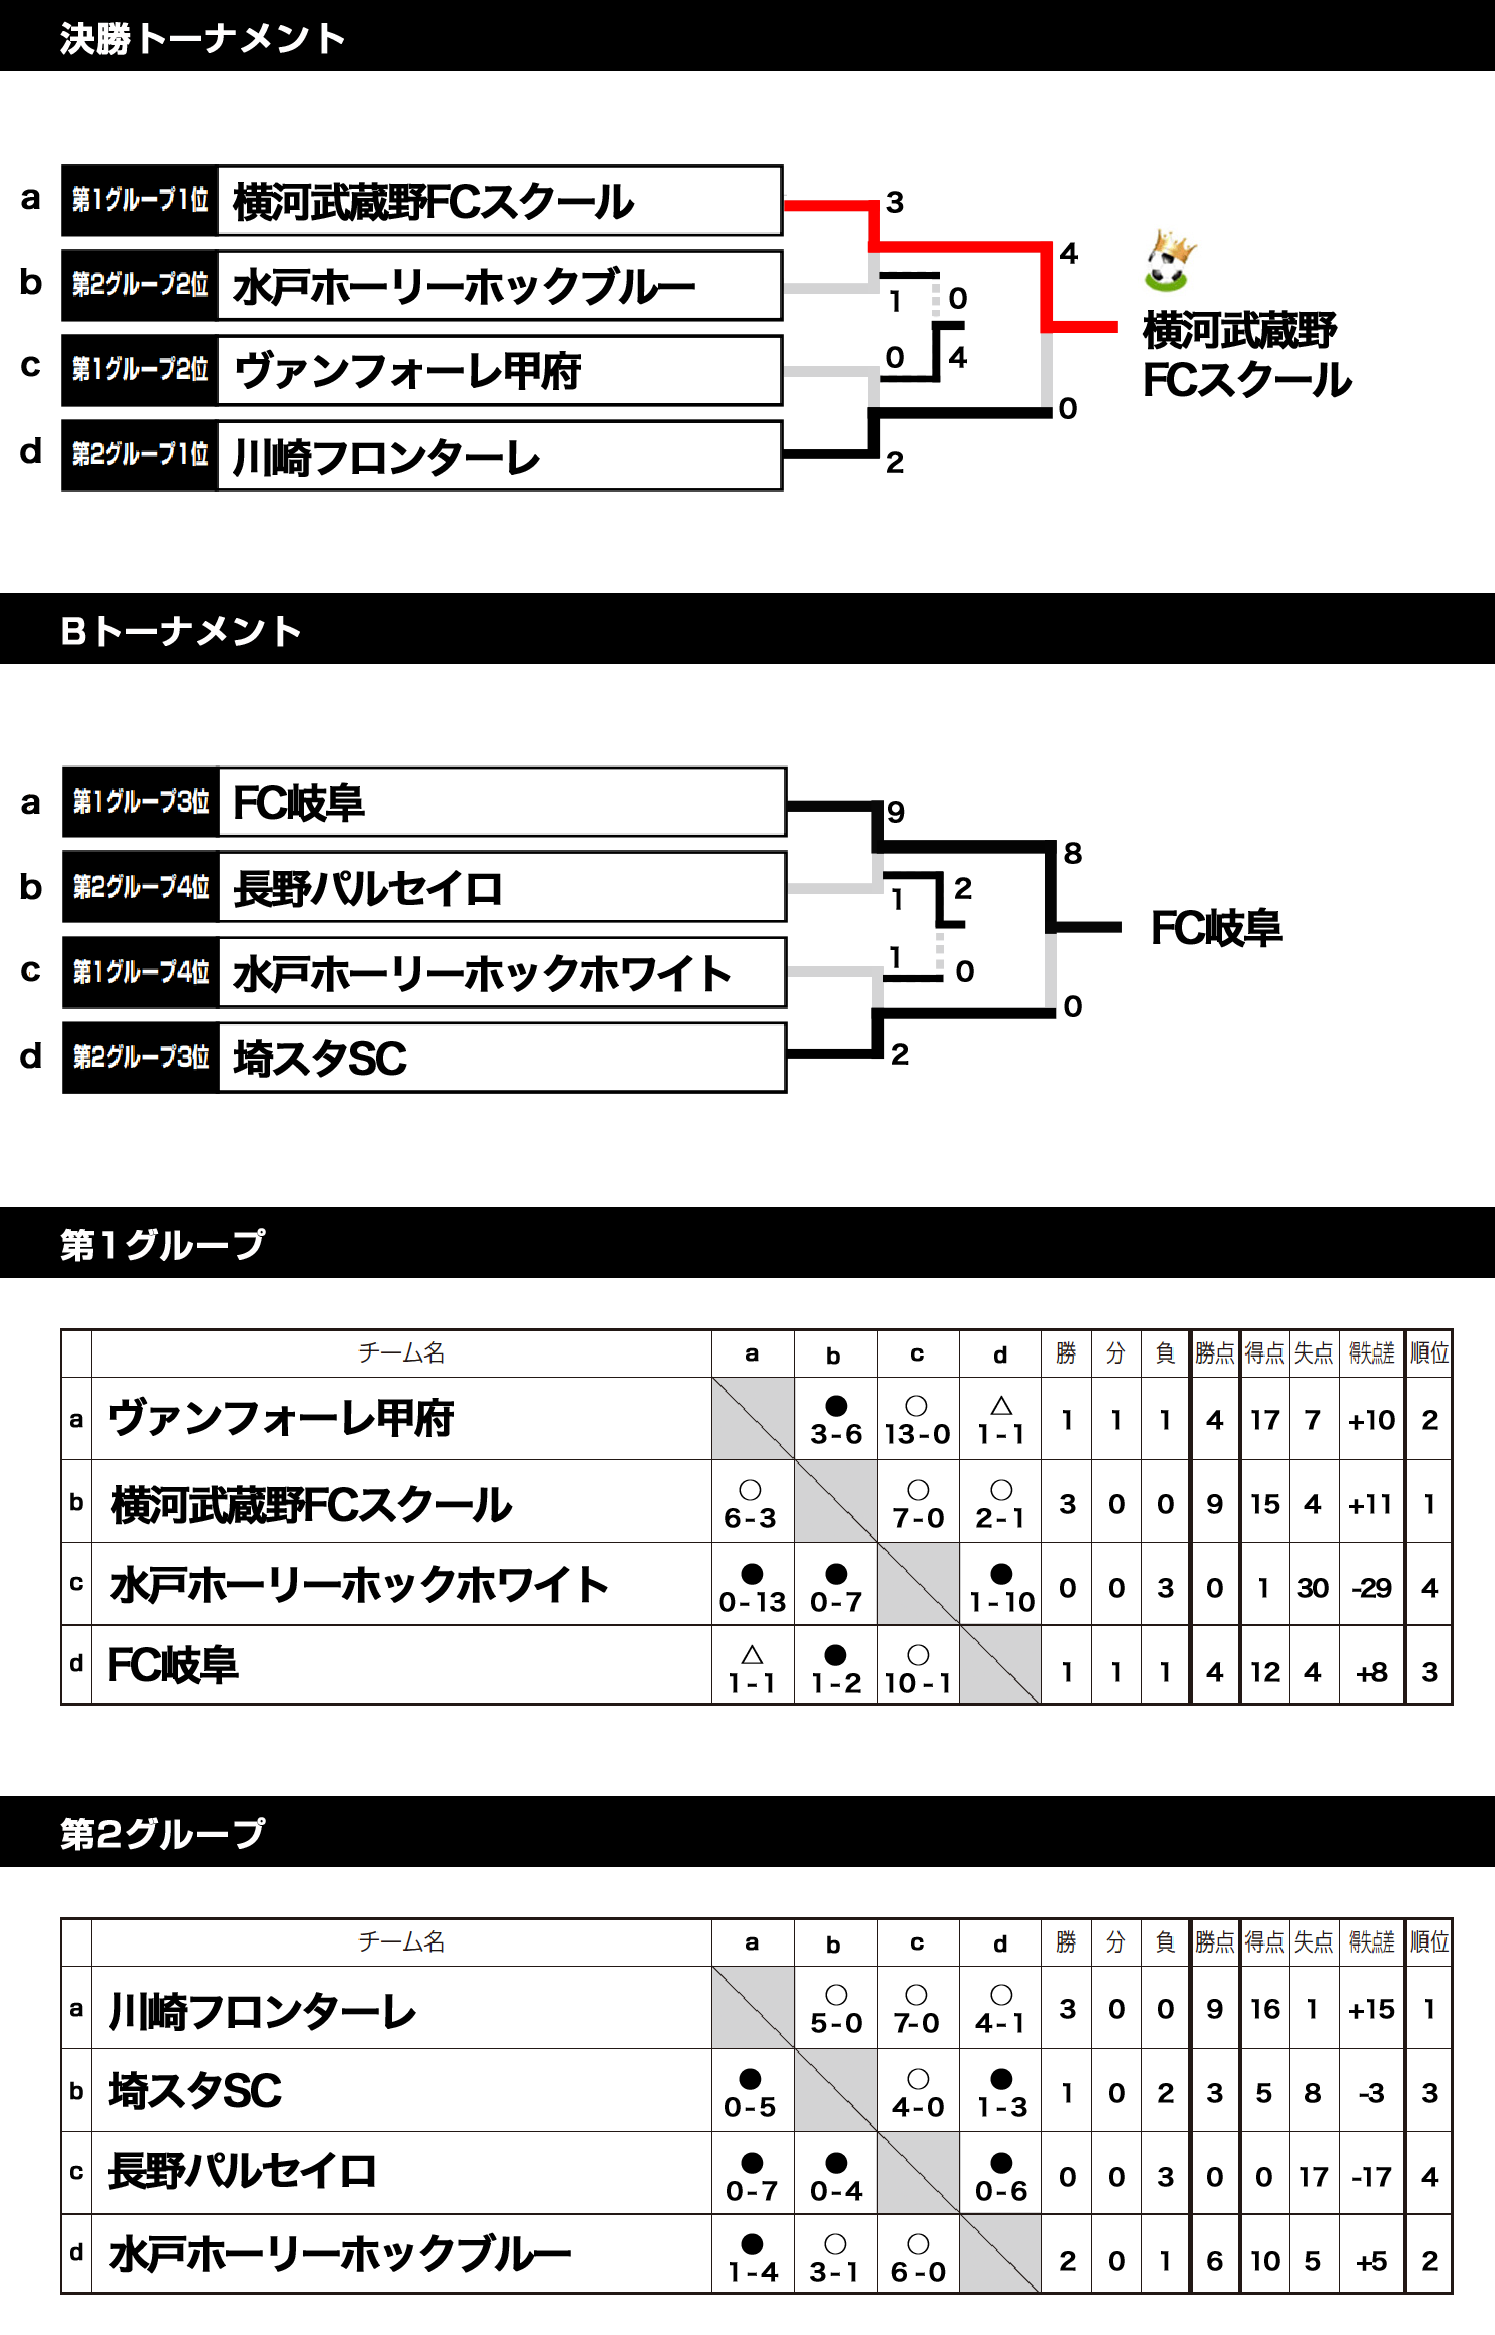 2017/11/18 (土) 〜 19 (日) スクール交流大会U-10 in 富士緑の休暇村 トーナメント表